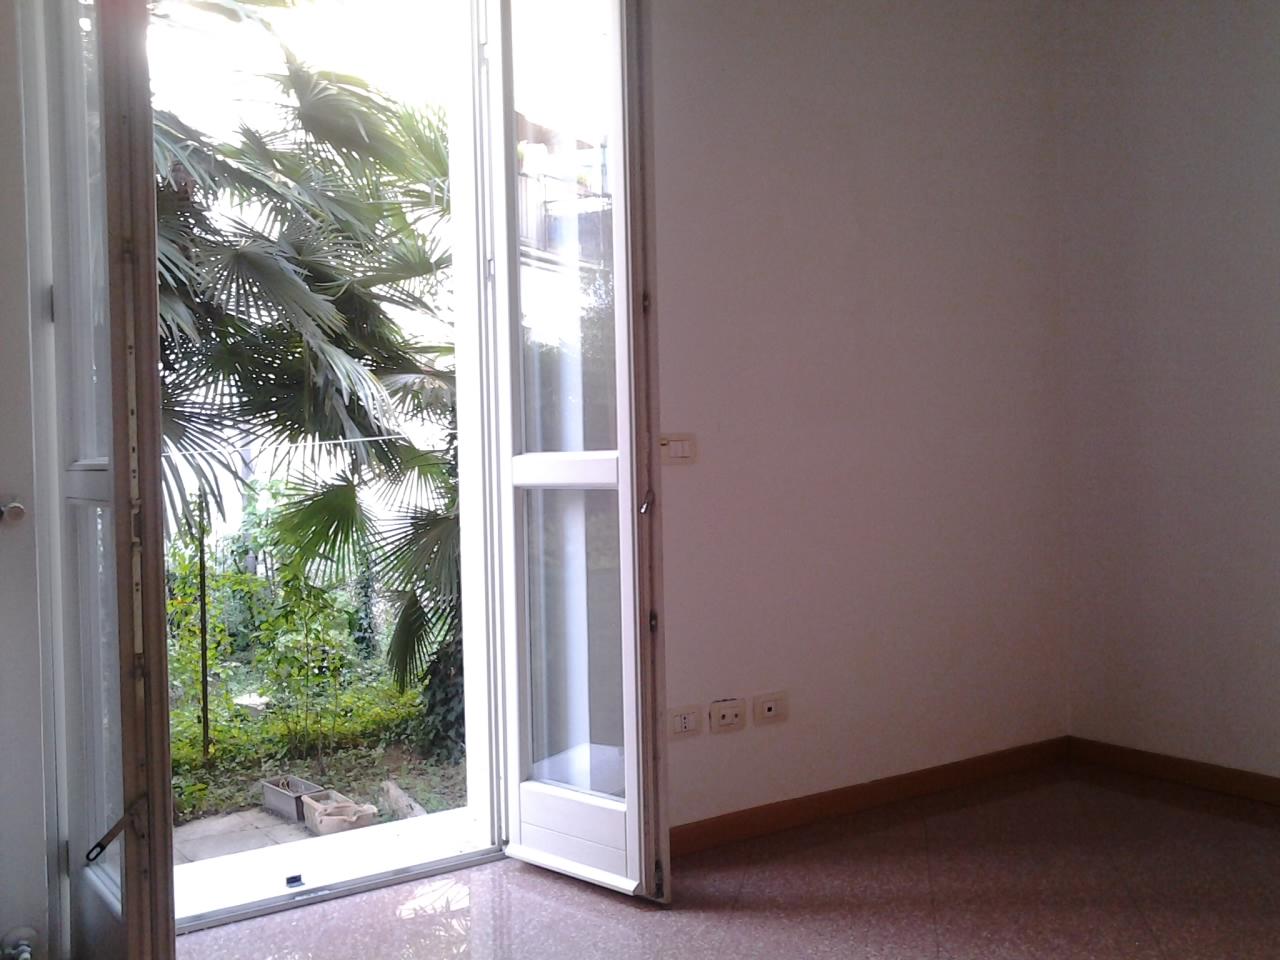 Immobiliare olivati bergamo affitto casa magrini for Appartamento affitto bergamo privati